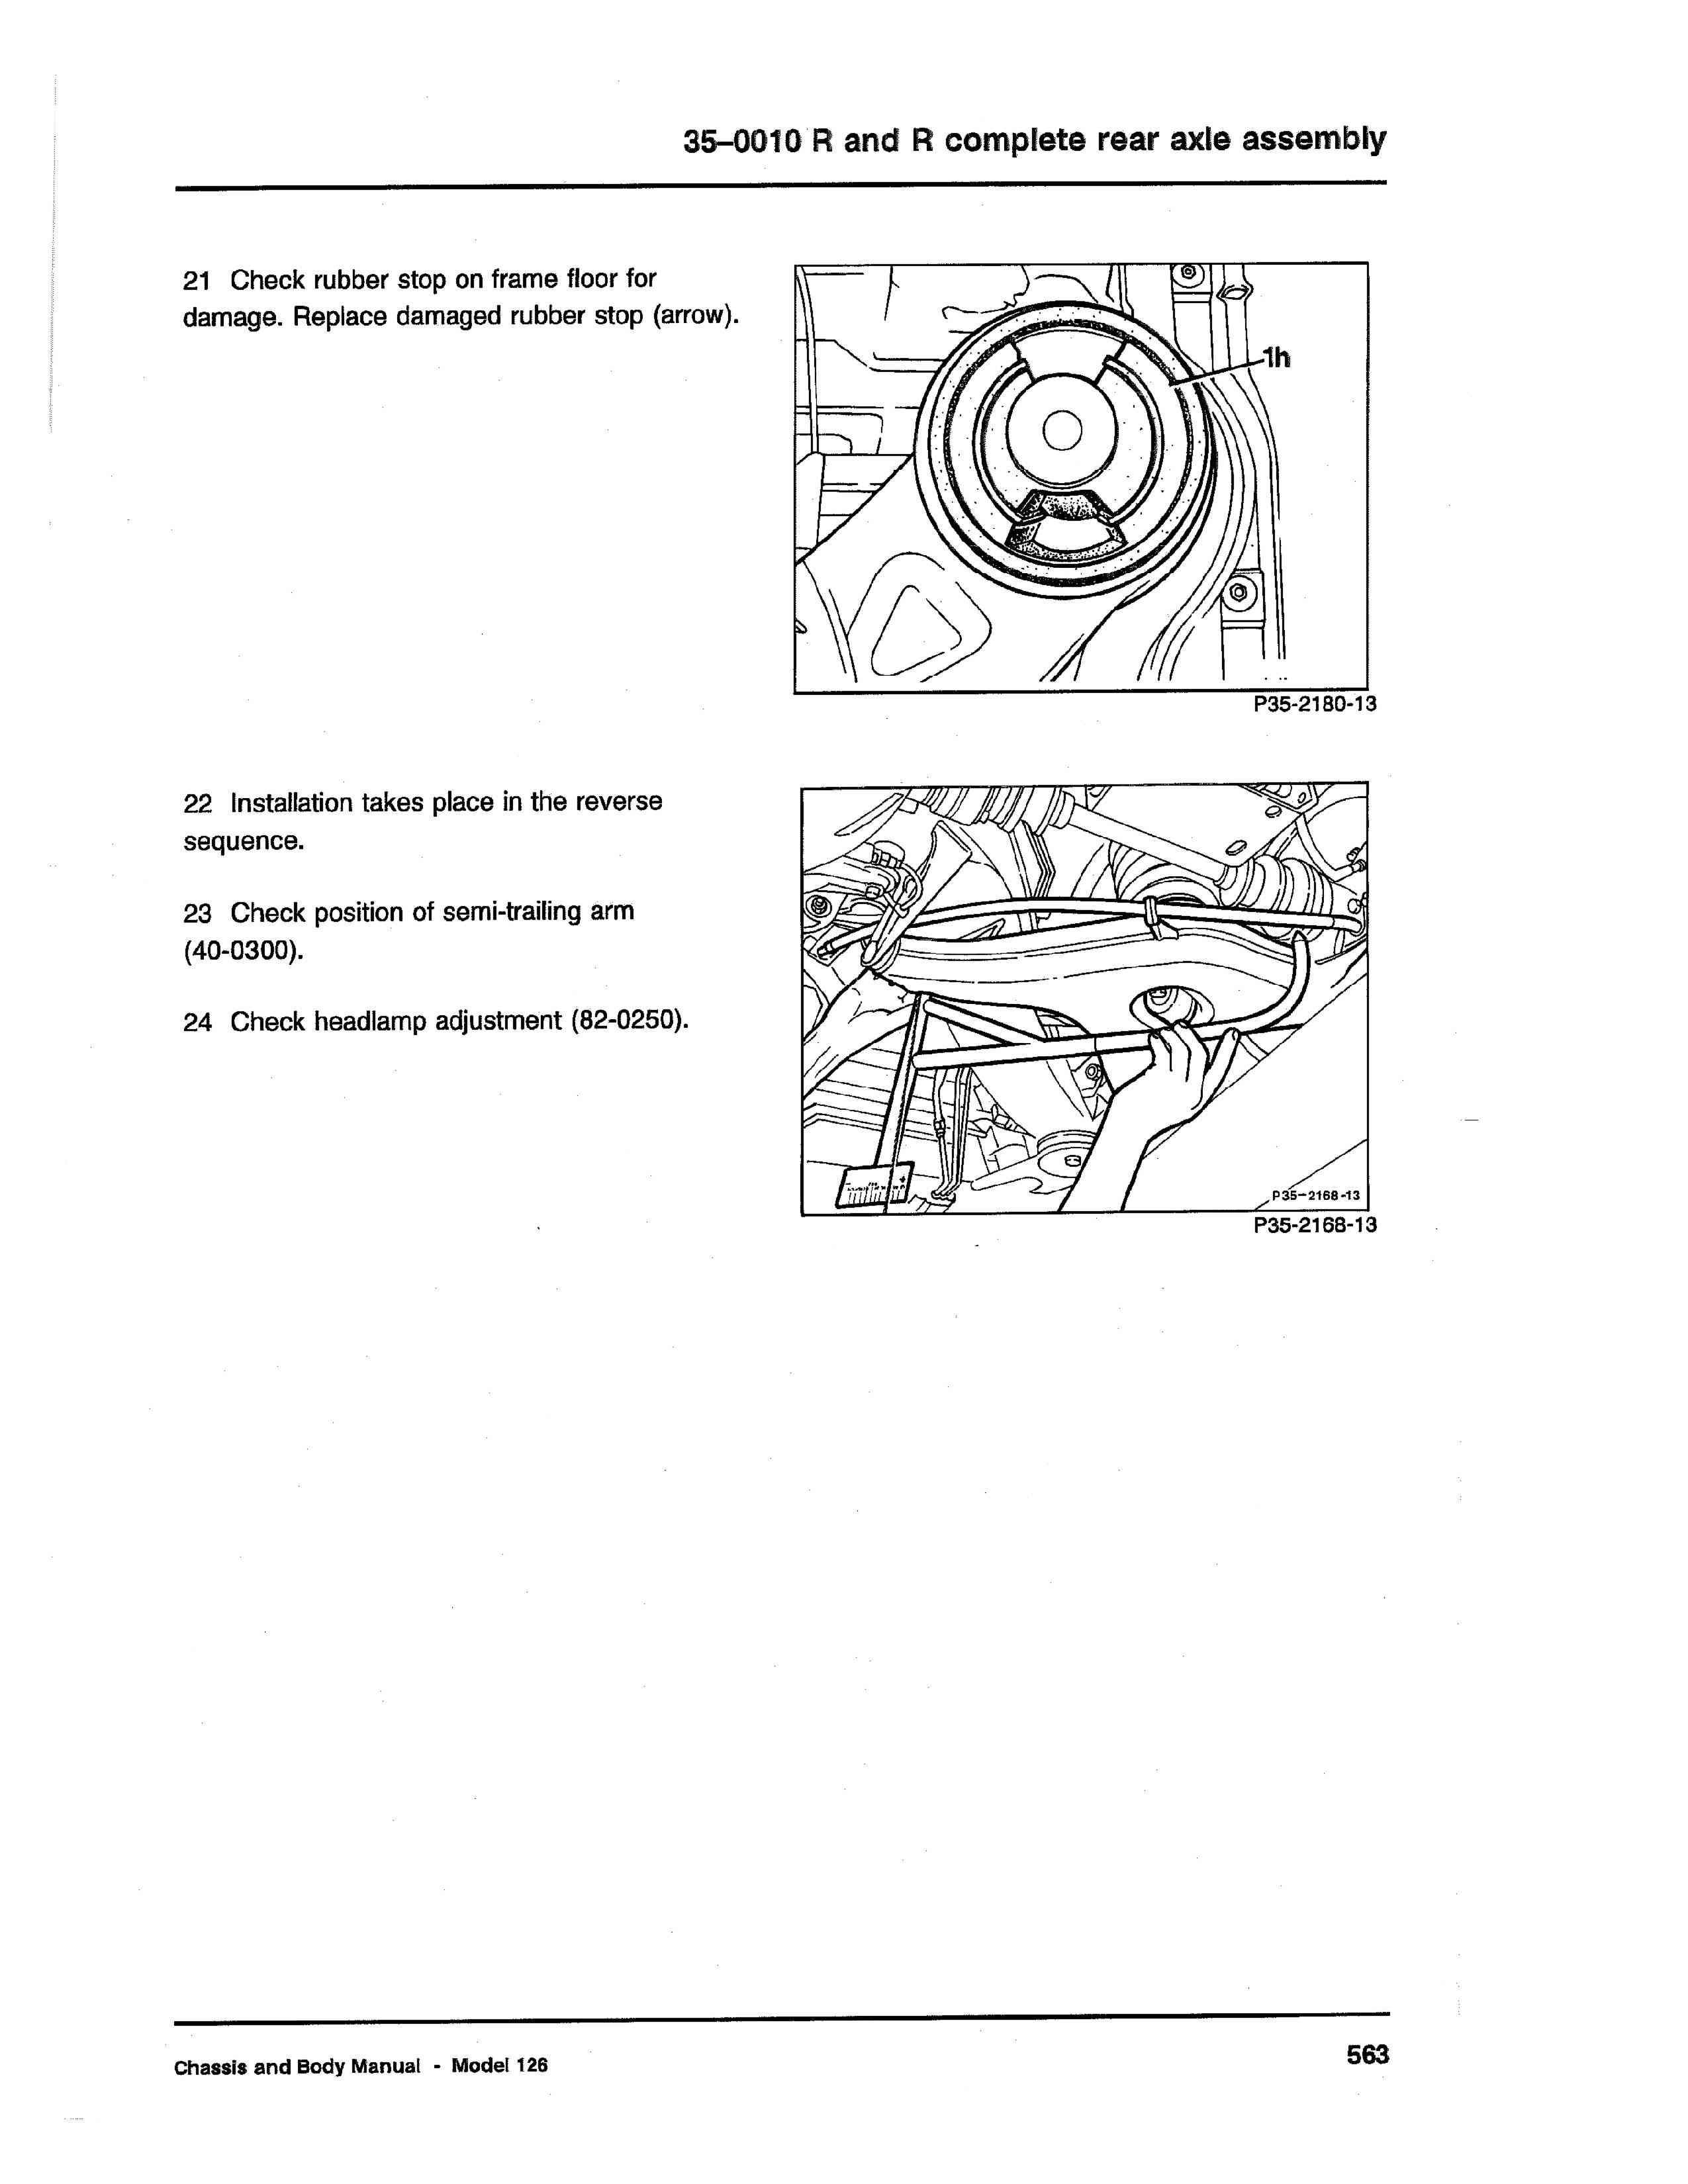 (W126): Diagrama completo da suspensão traseira  0012_122